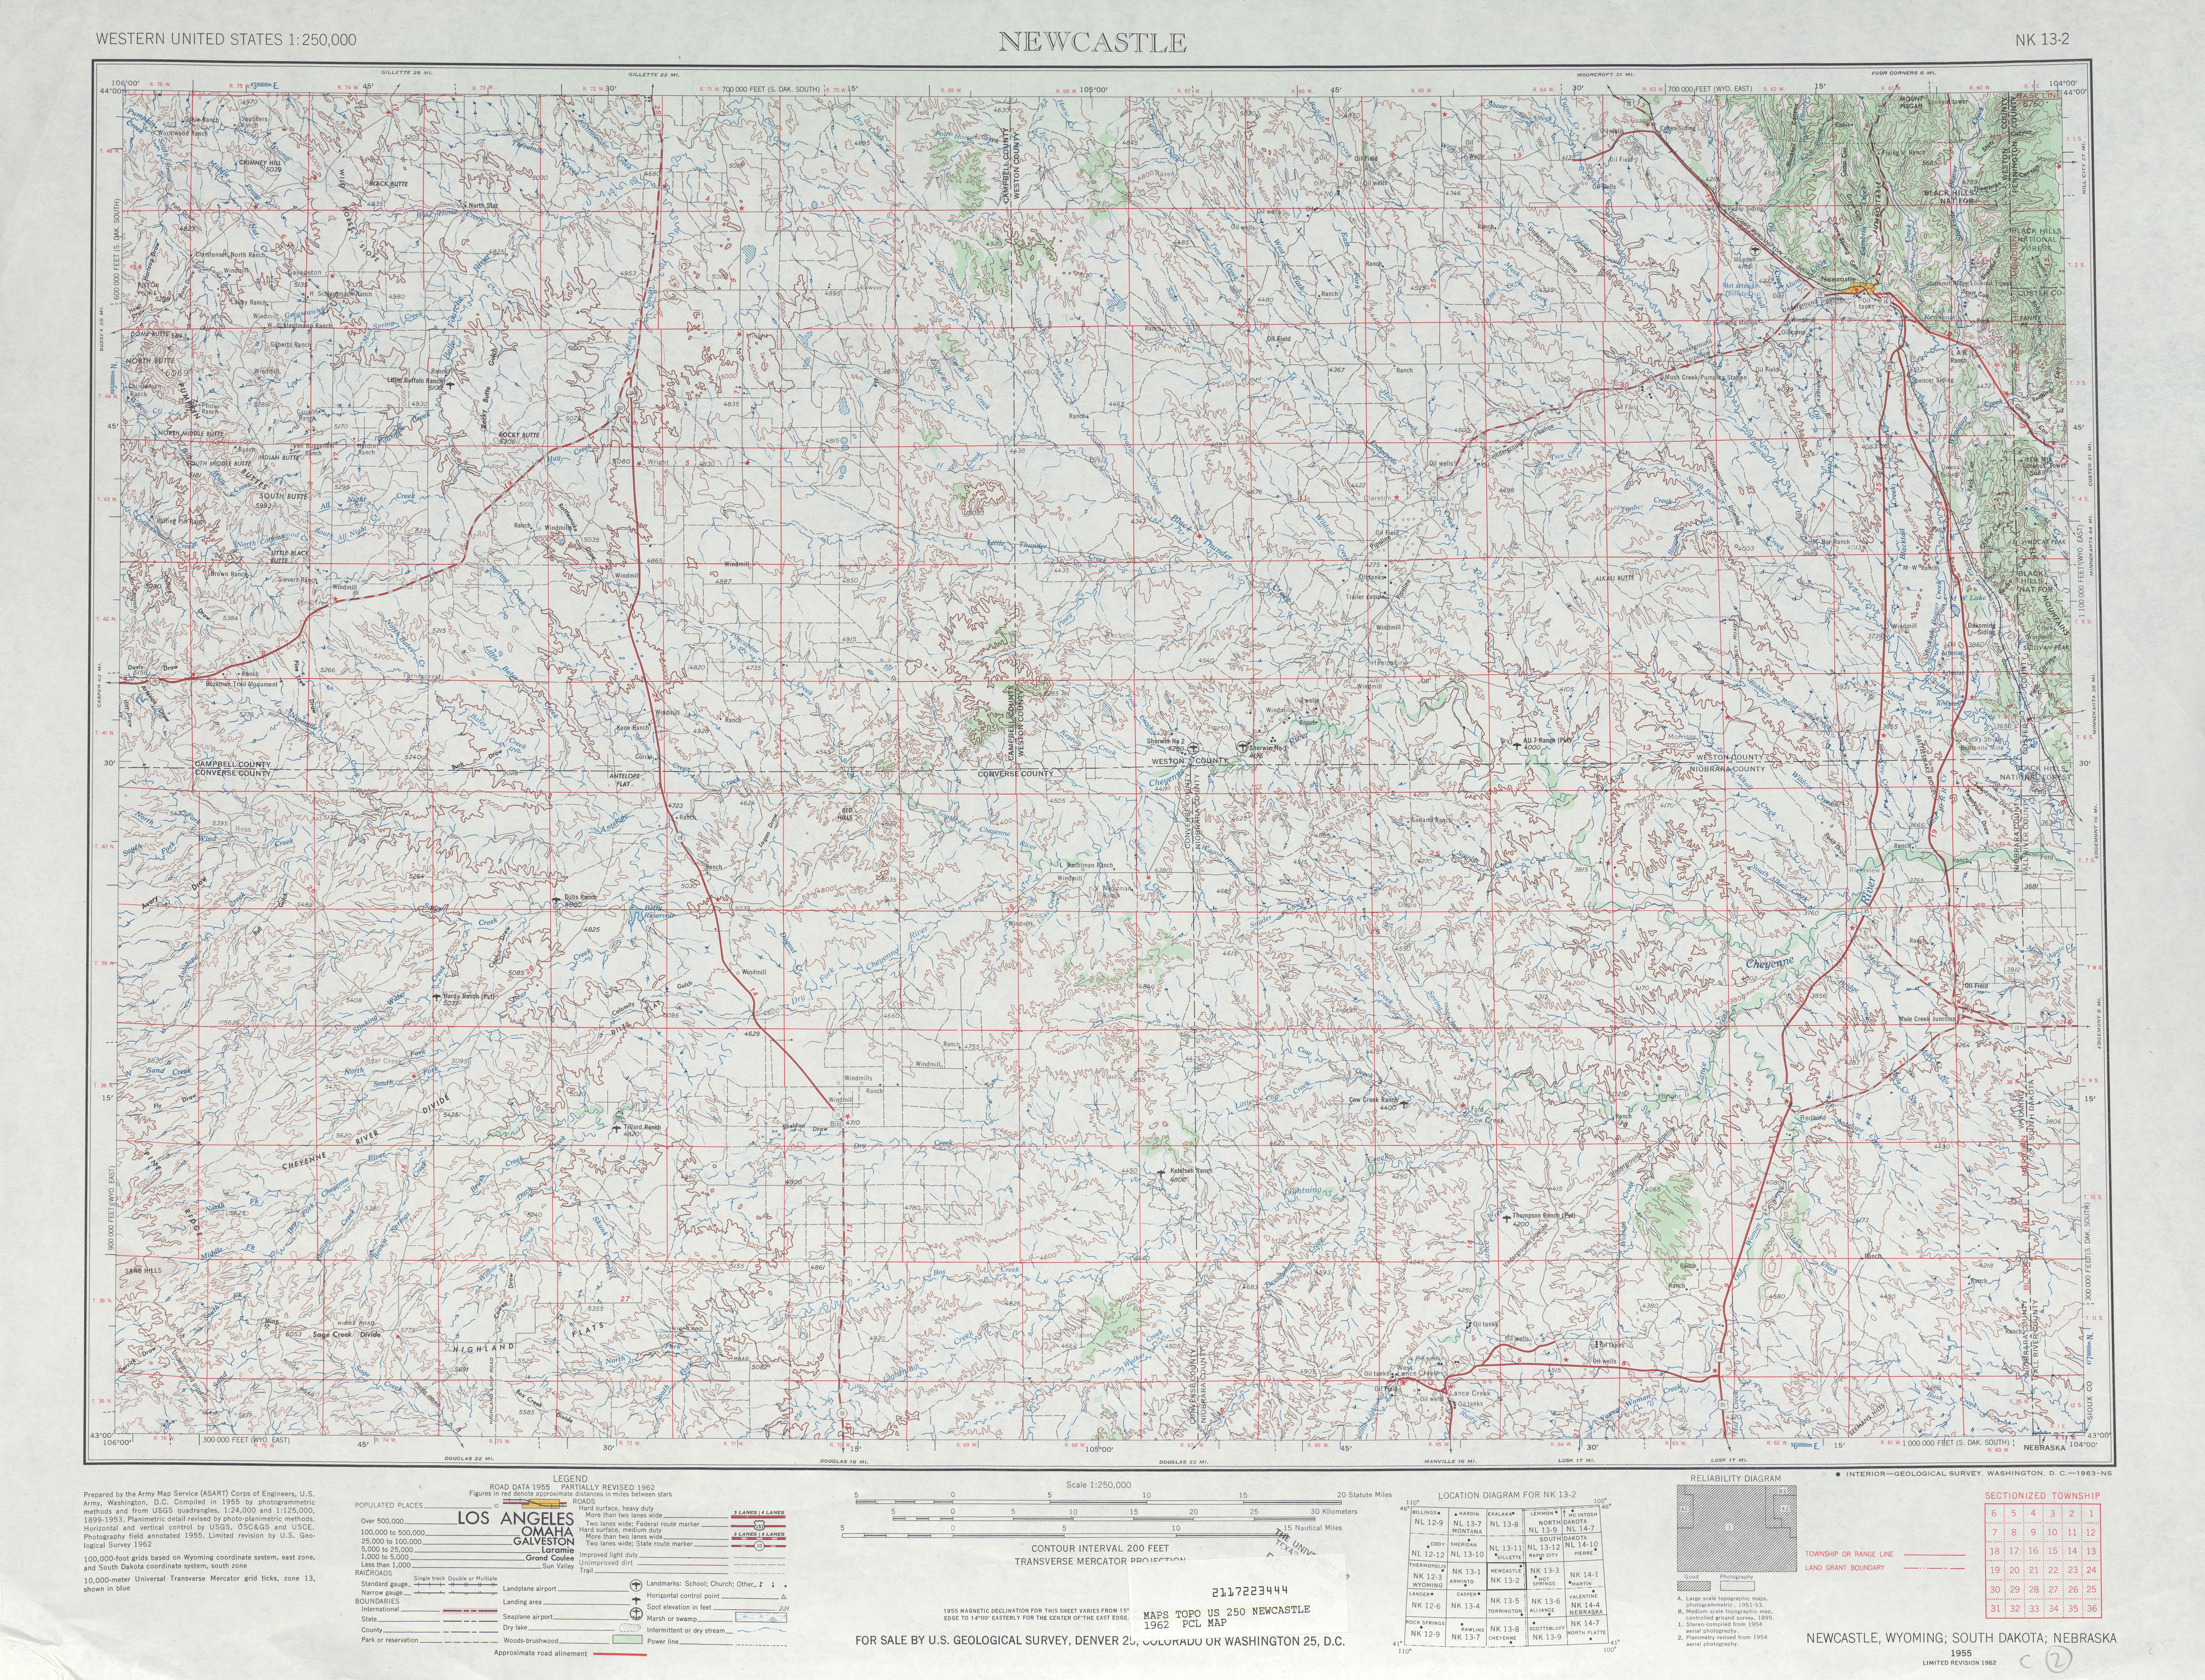 Hoja NewCastillo del Mapa Topográfico de los Estados Unidos 1962